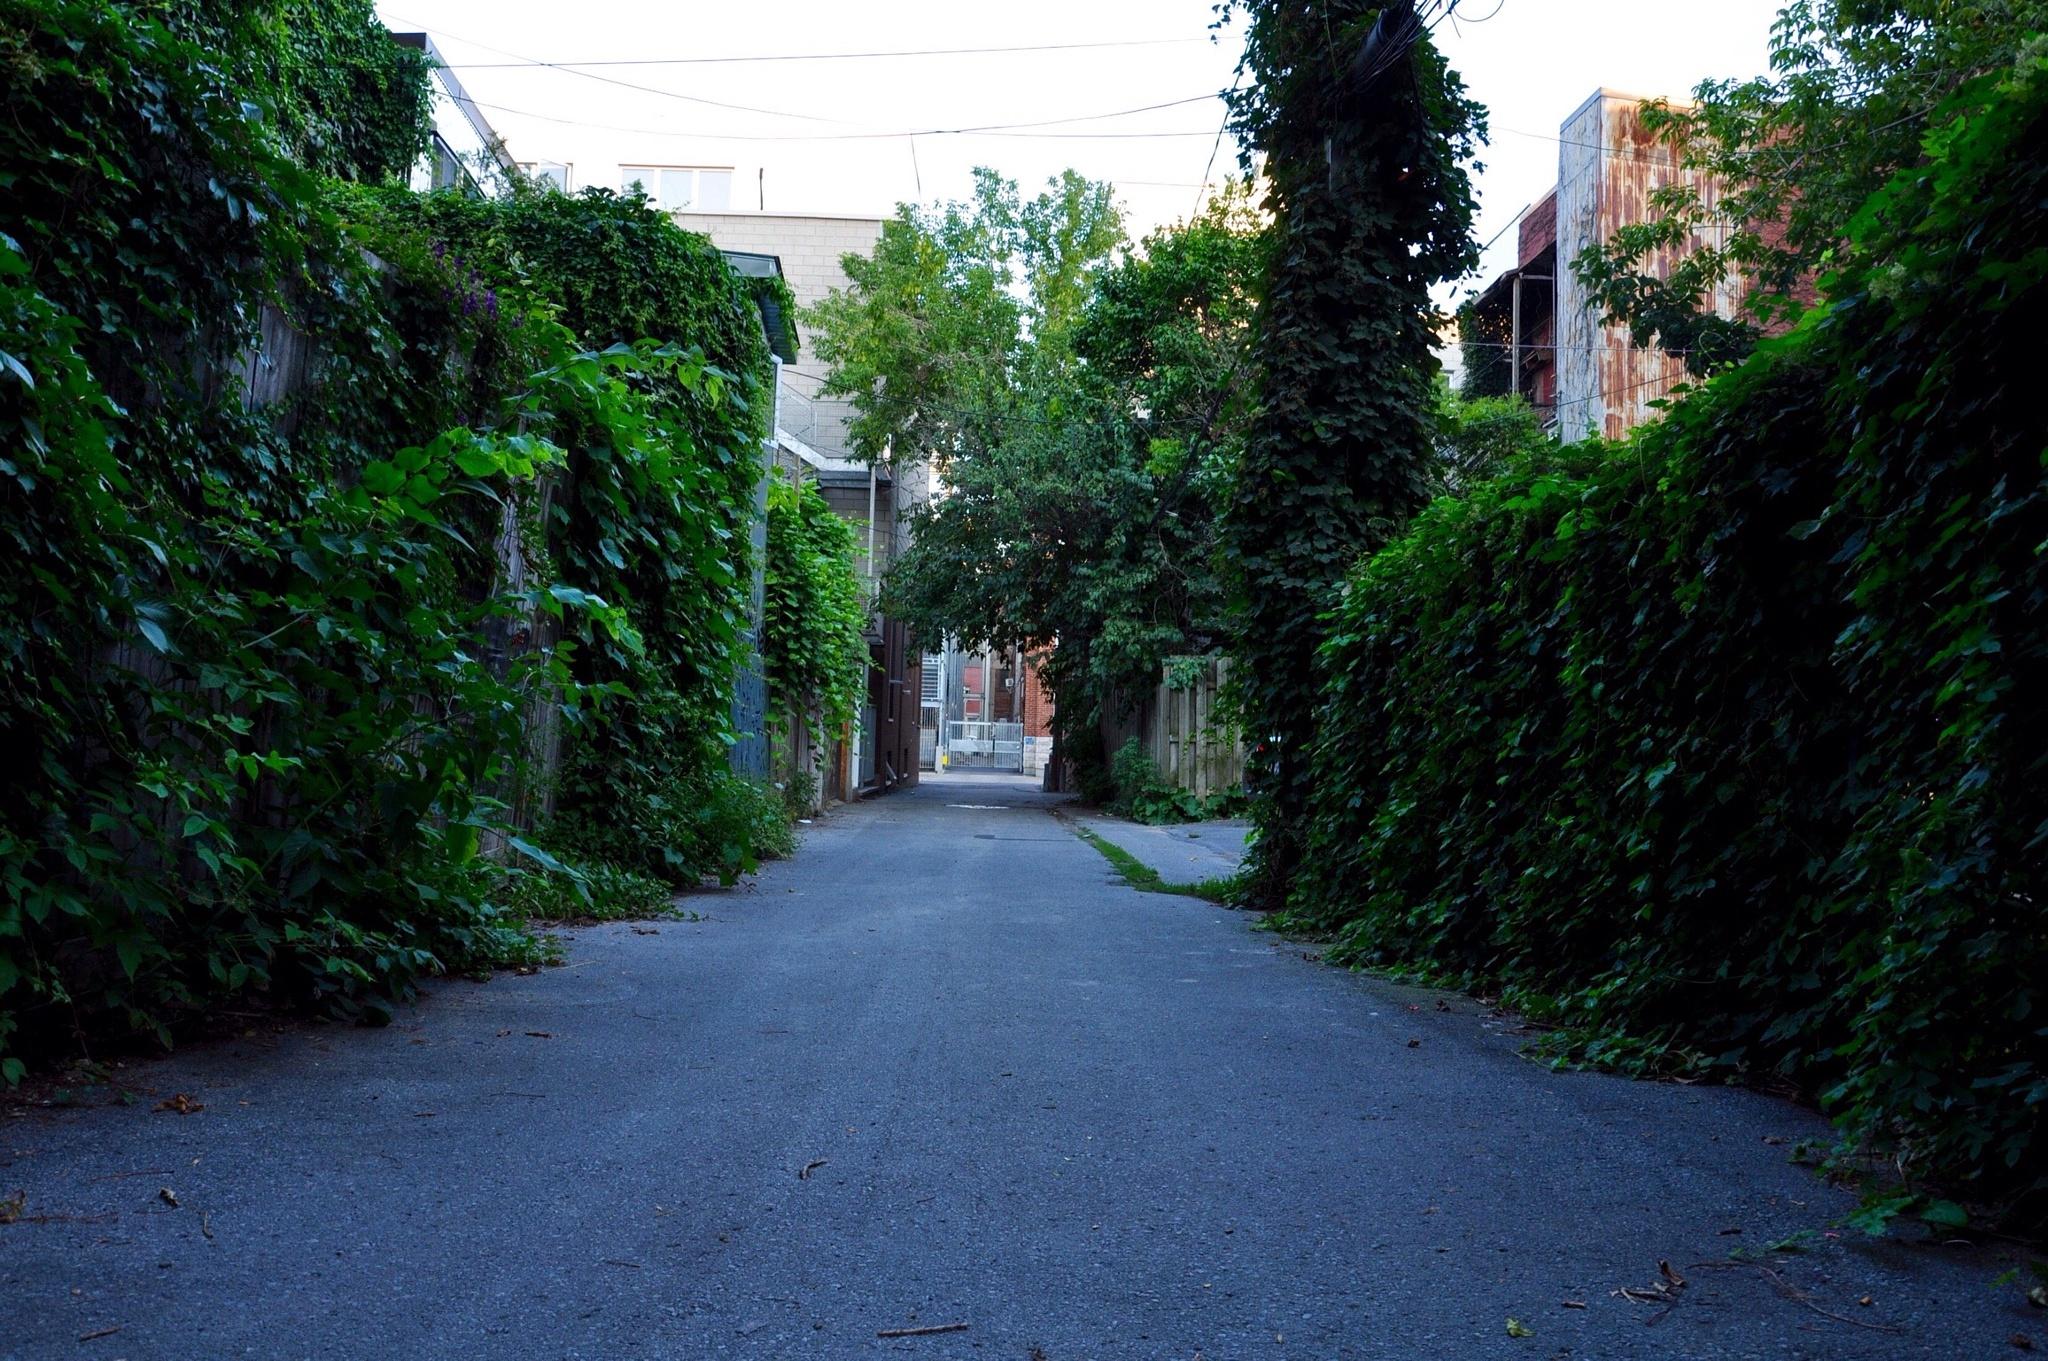 Urban Jungle by Sofhojab